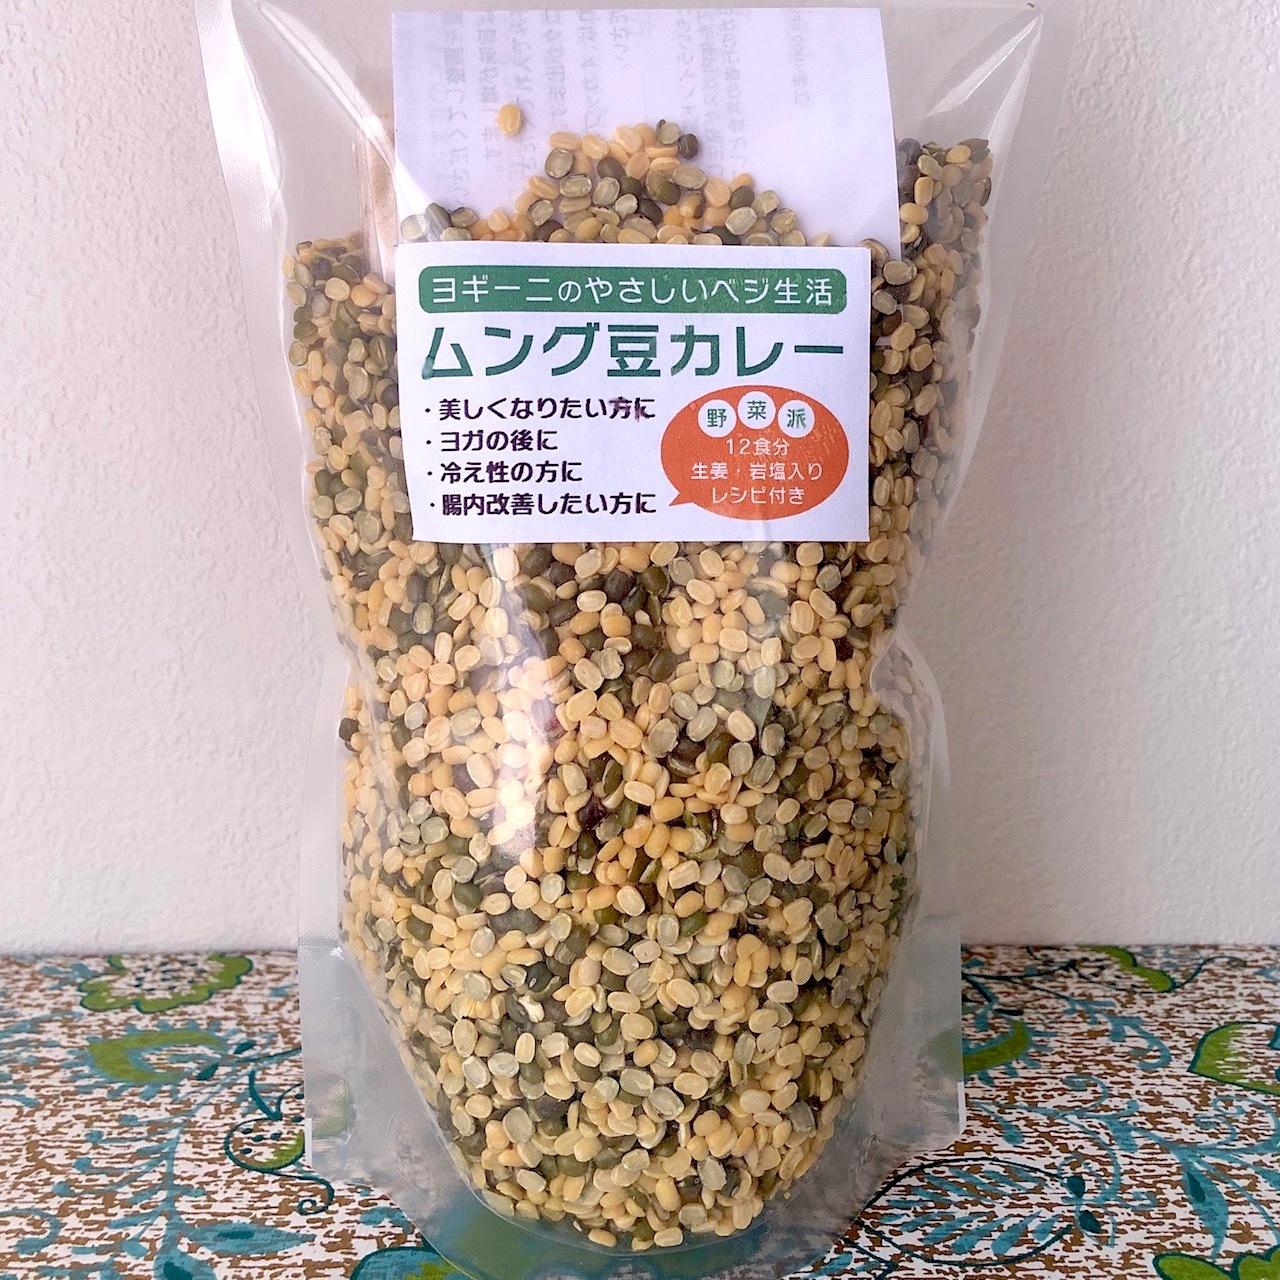 【送料込】アロエヴェラ3パック+ムング豆カレー1・腸内環境改善セットA